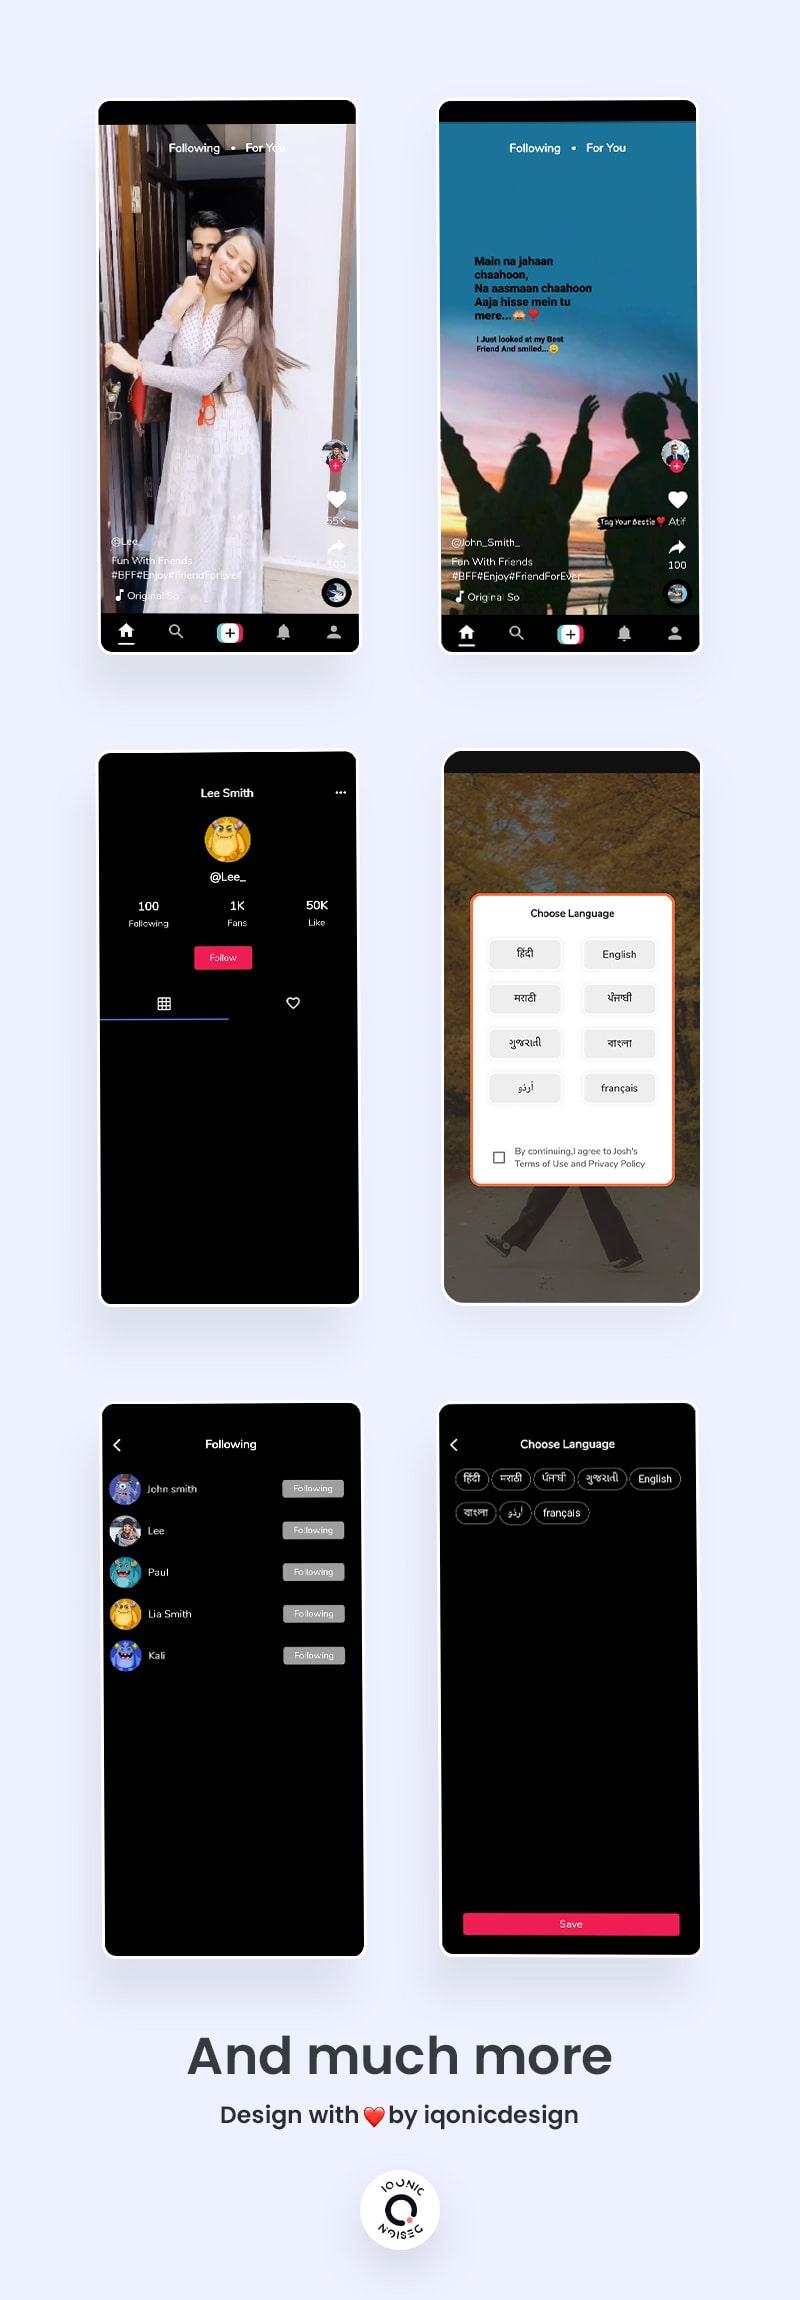 Free TikTok Clone Fullter UI Kit | TikTak | Iqonic Design free tiktok clone flutter ui kit TikTak Flutter 05 list tiktak min